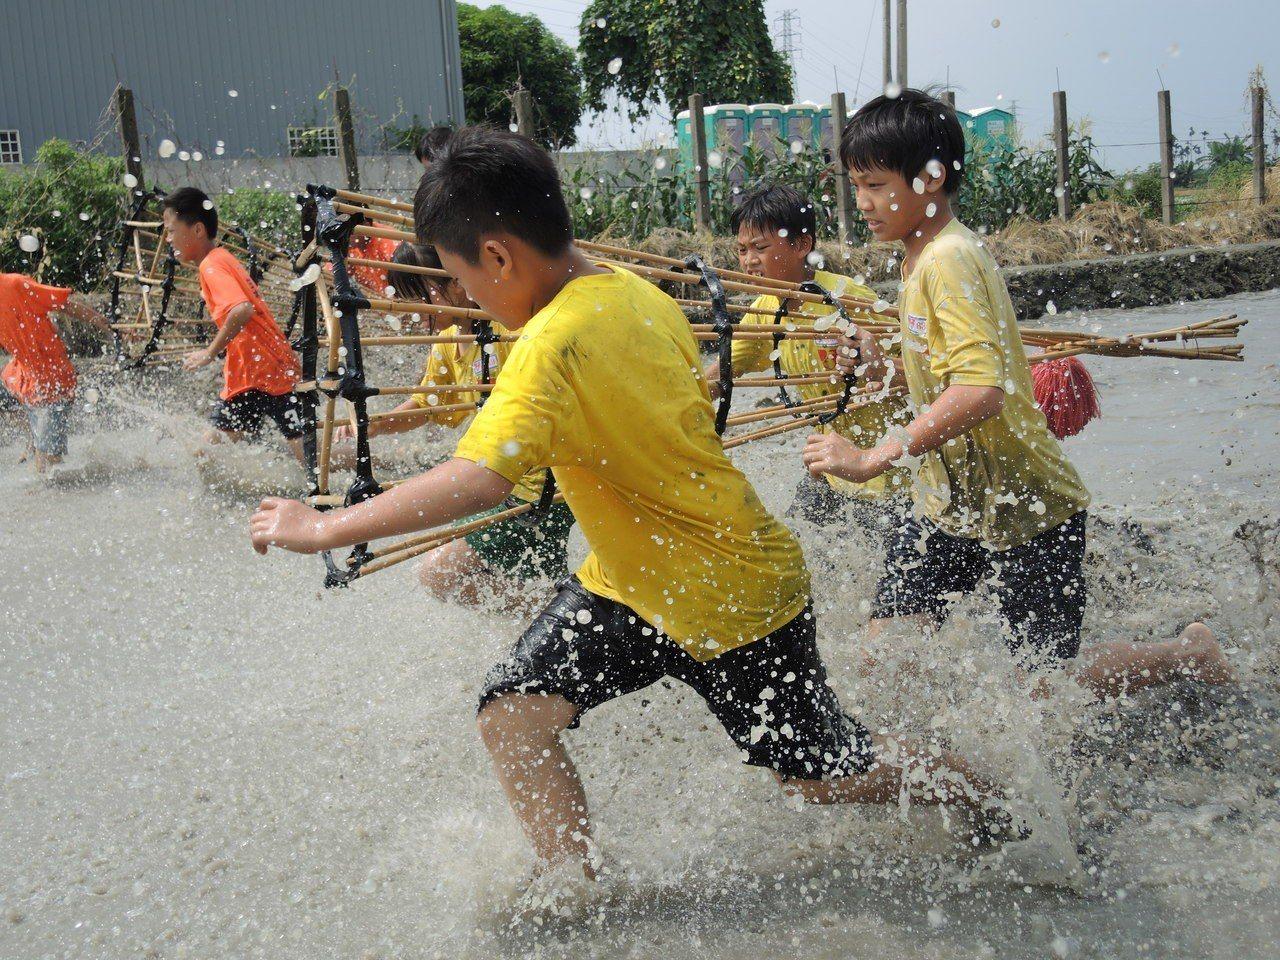 為傳承逐漸被遺忘的搶水文化,雲林縣林內鄉今天舉辦為期二天的搶水比賽,首日由學生組...